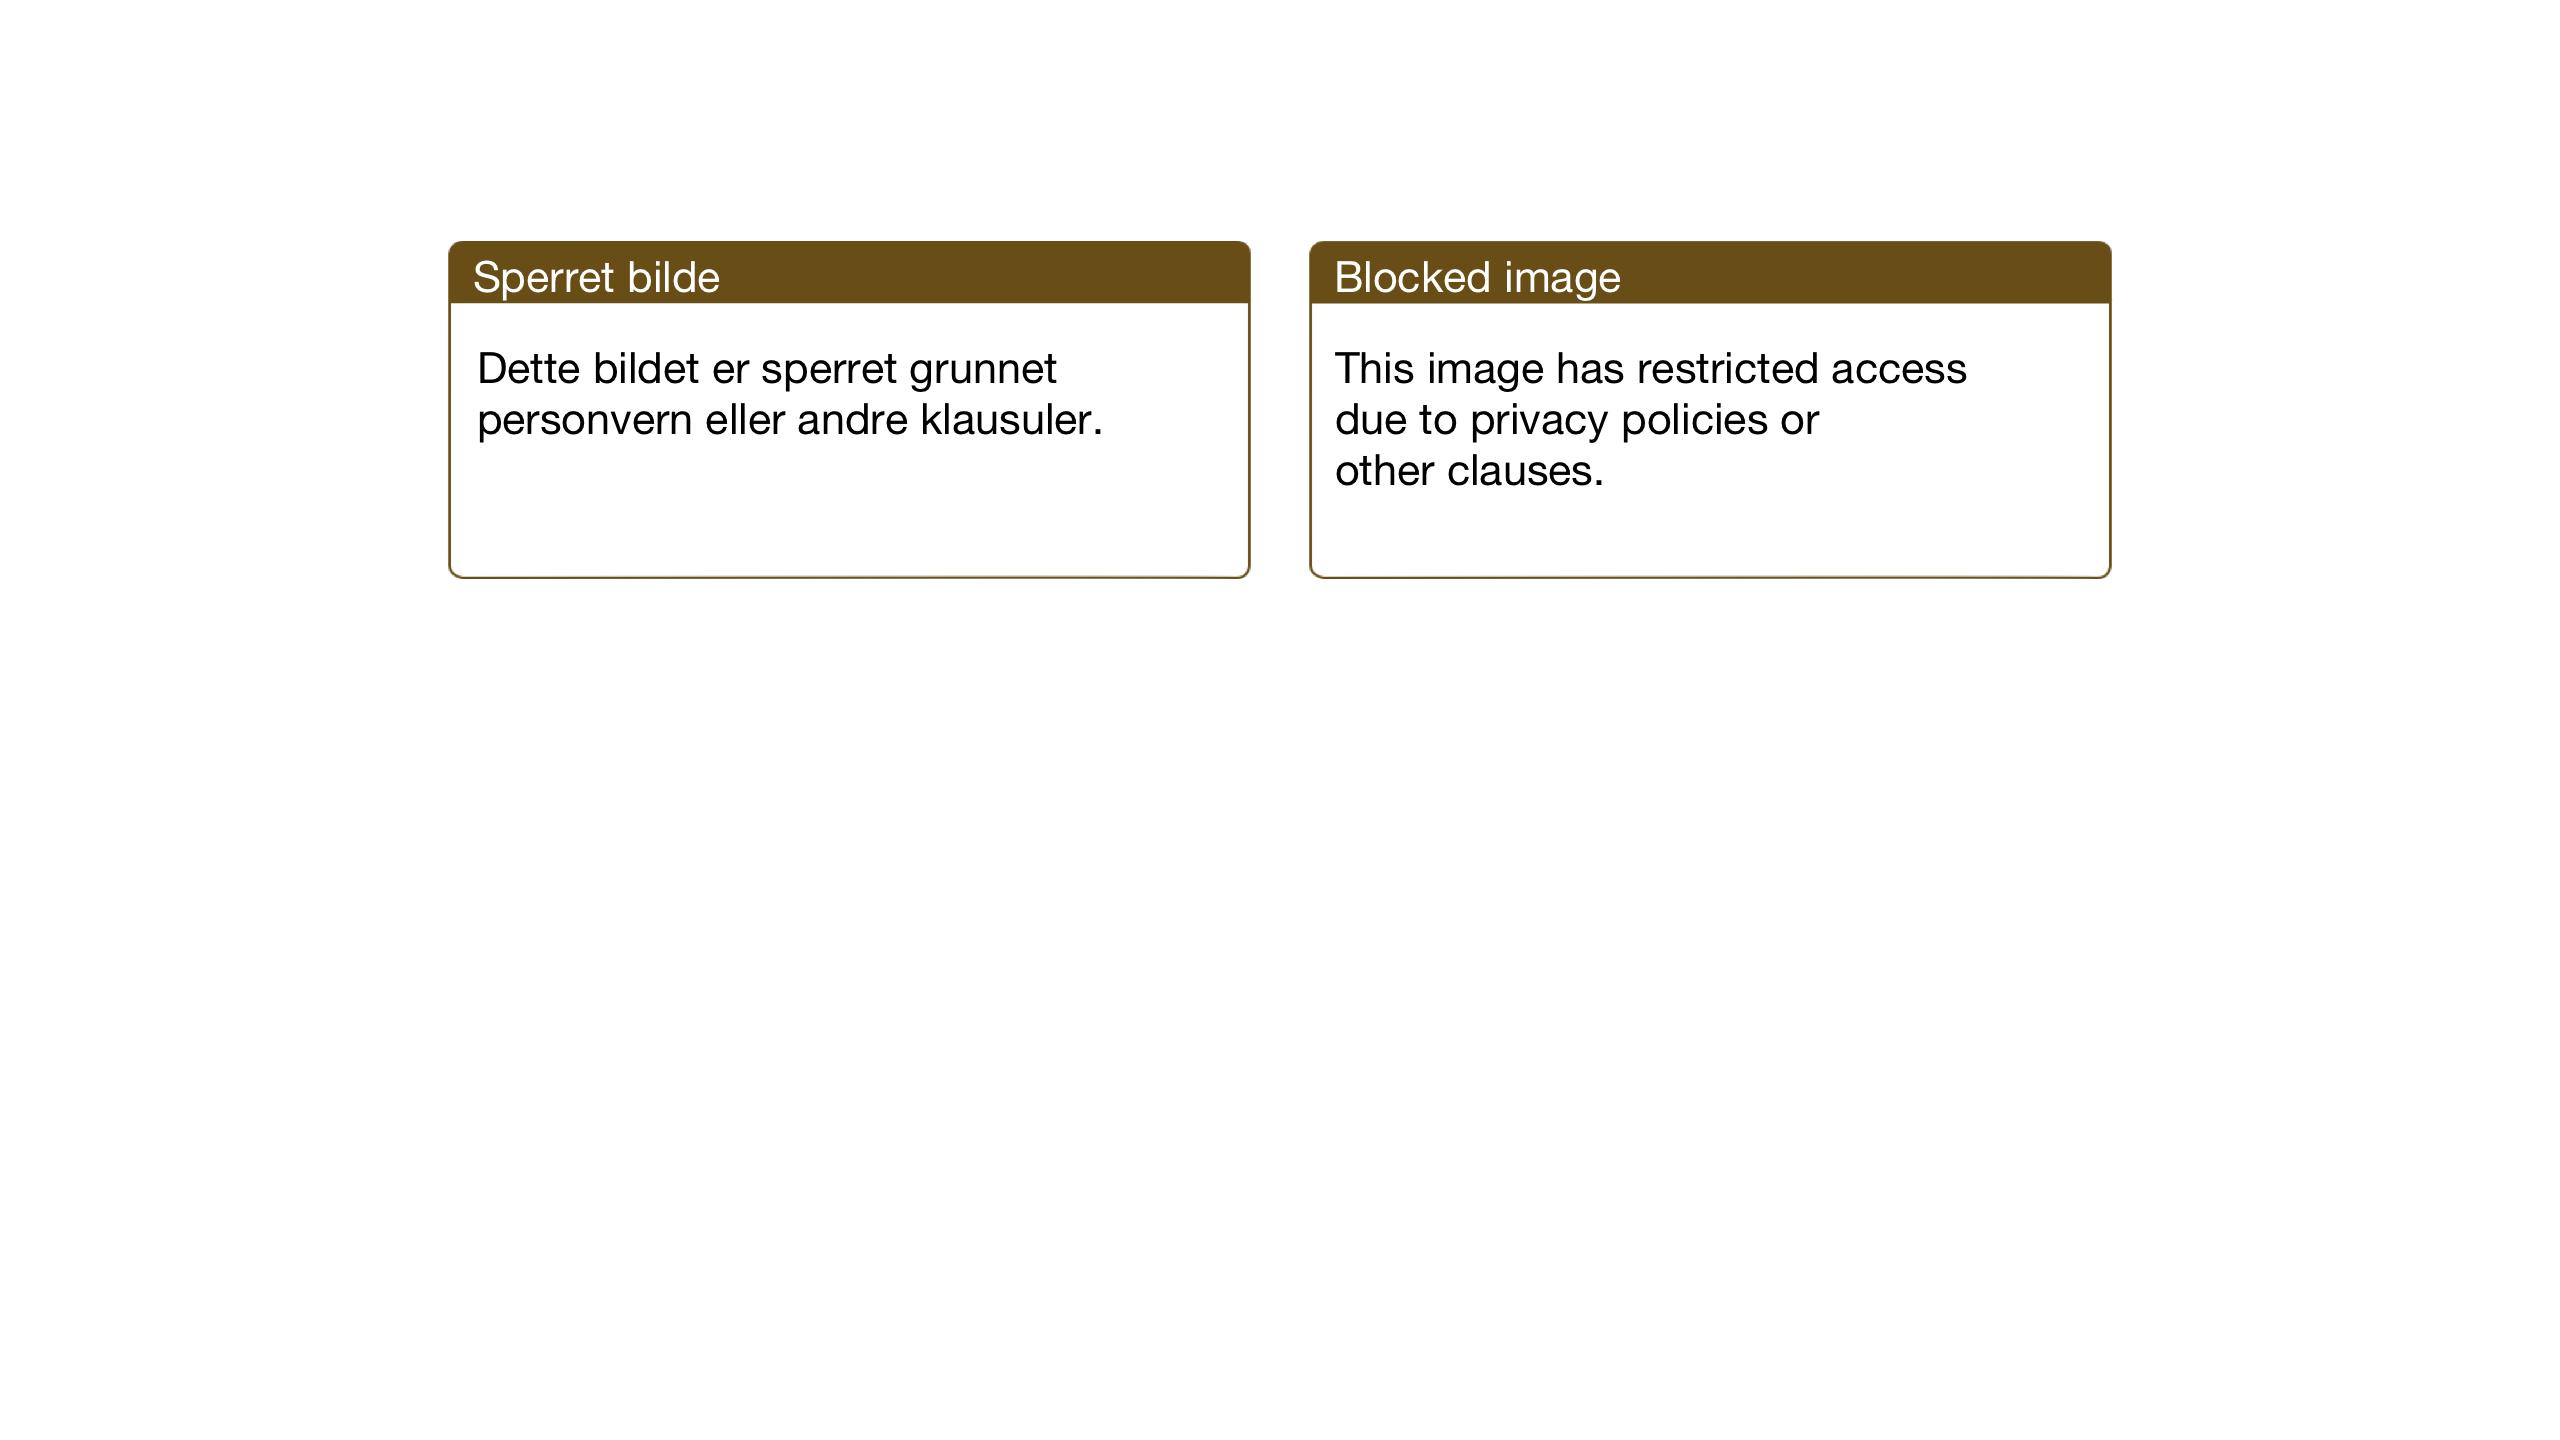 SAT, Ministerialprotokoller, klokkerbøker og fødselsregistre - Nord-Trøndelag, 722/L0227: Klokkerbok nr. 722C03, 1928-1958, s. 80